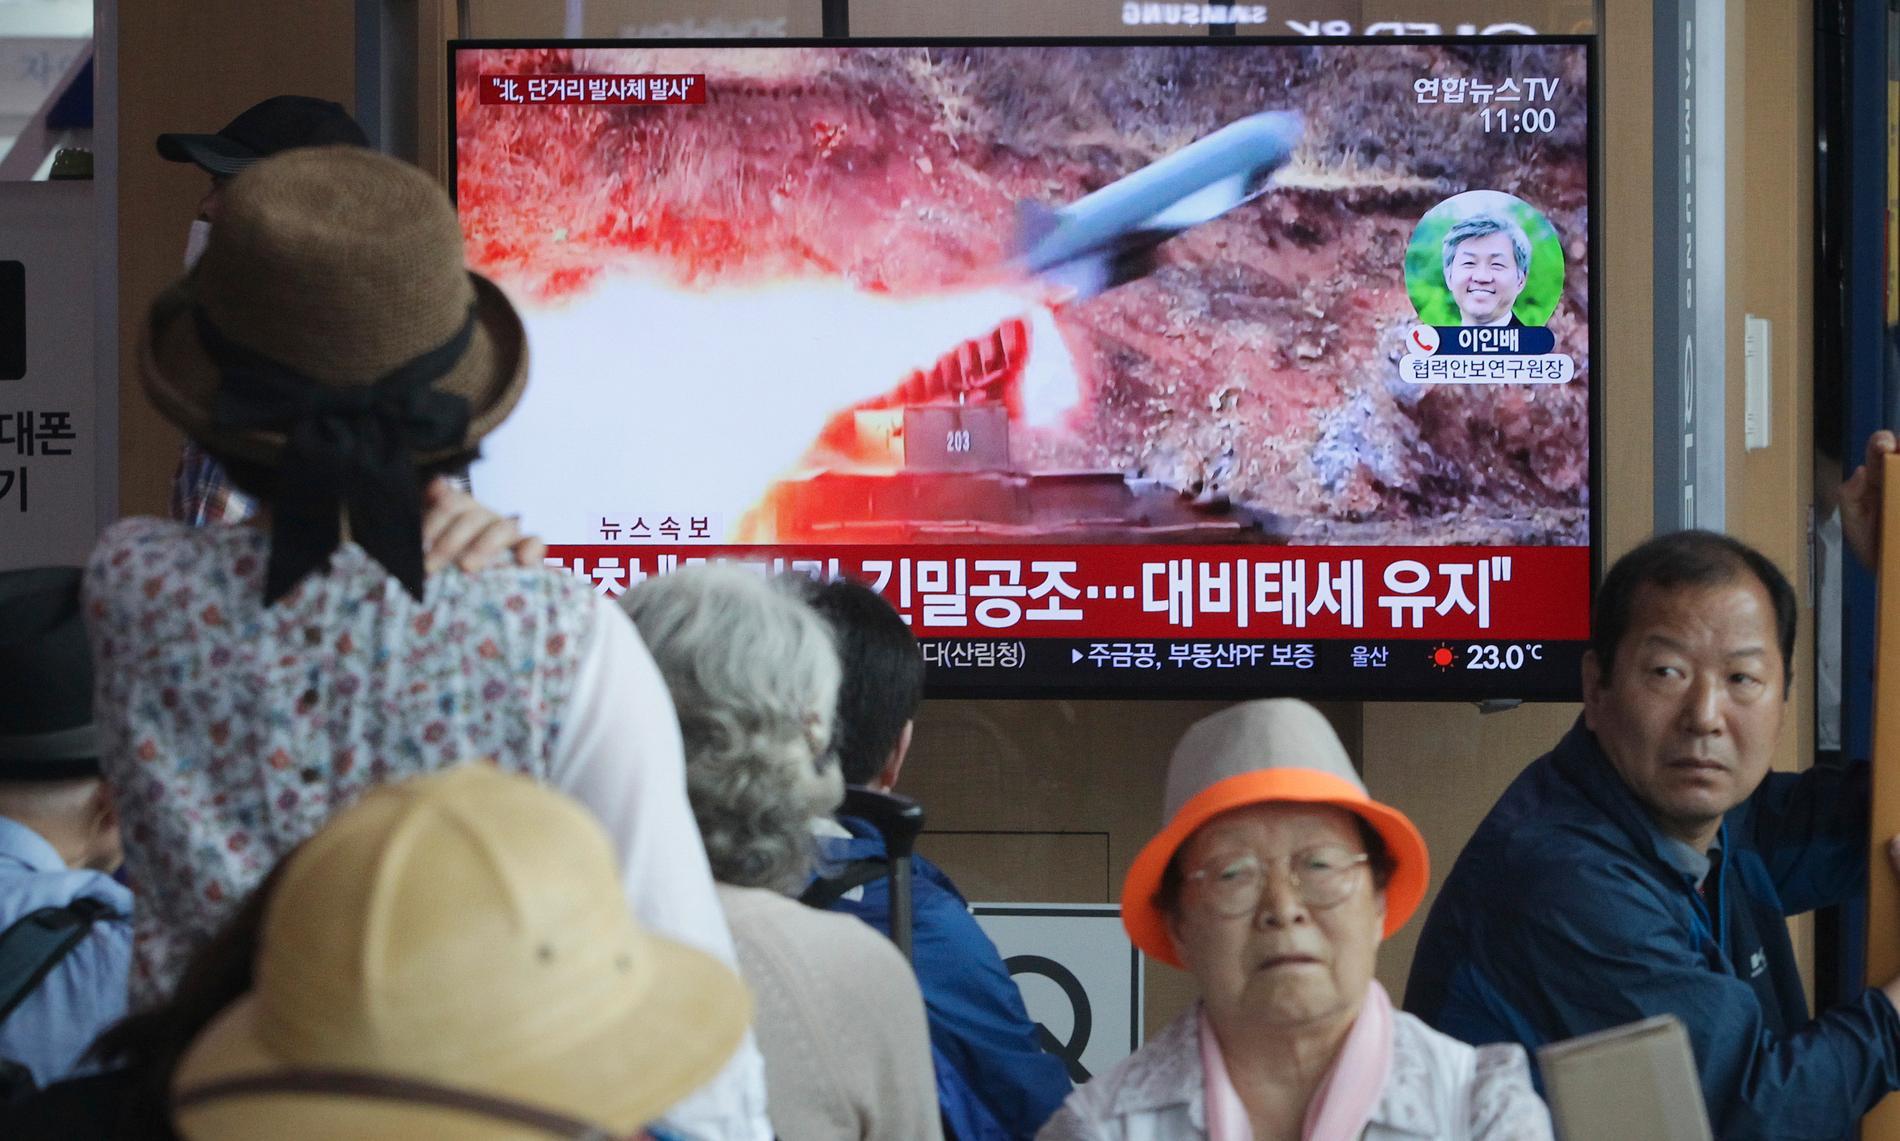 Människor i Seoul i Sydkorea tittar på tv-bilder på Nordkoreas robotuppskjutning.